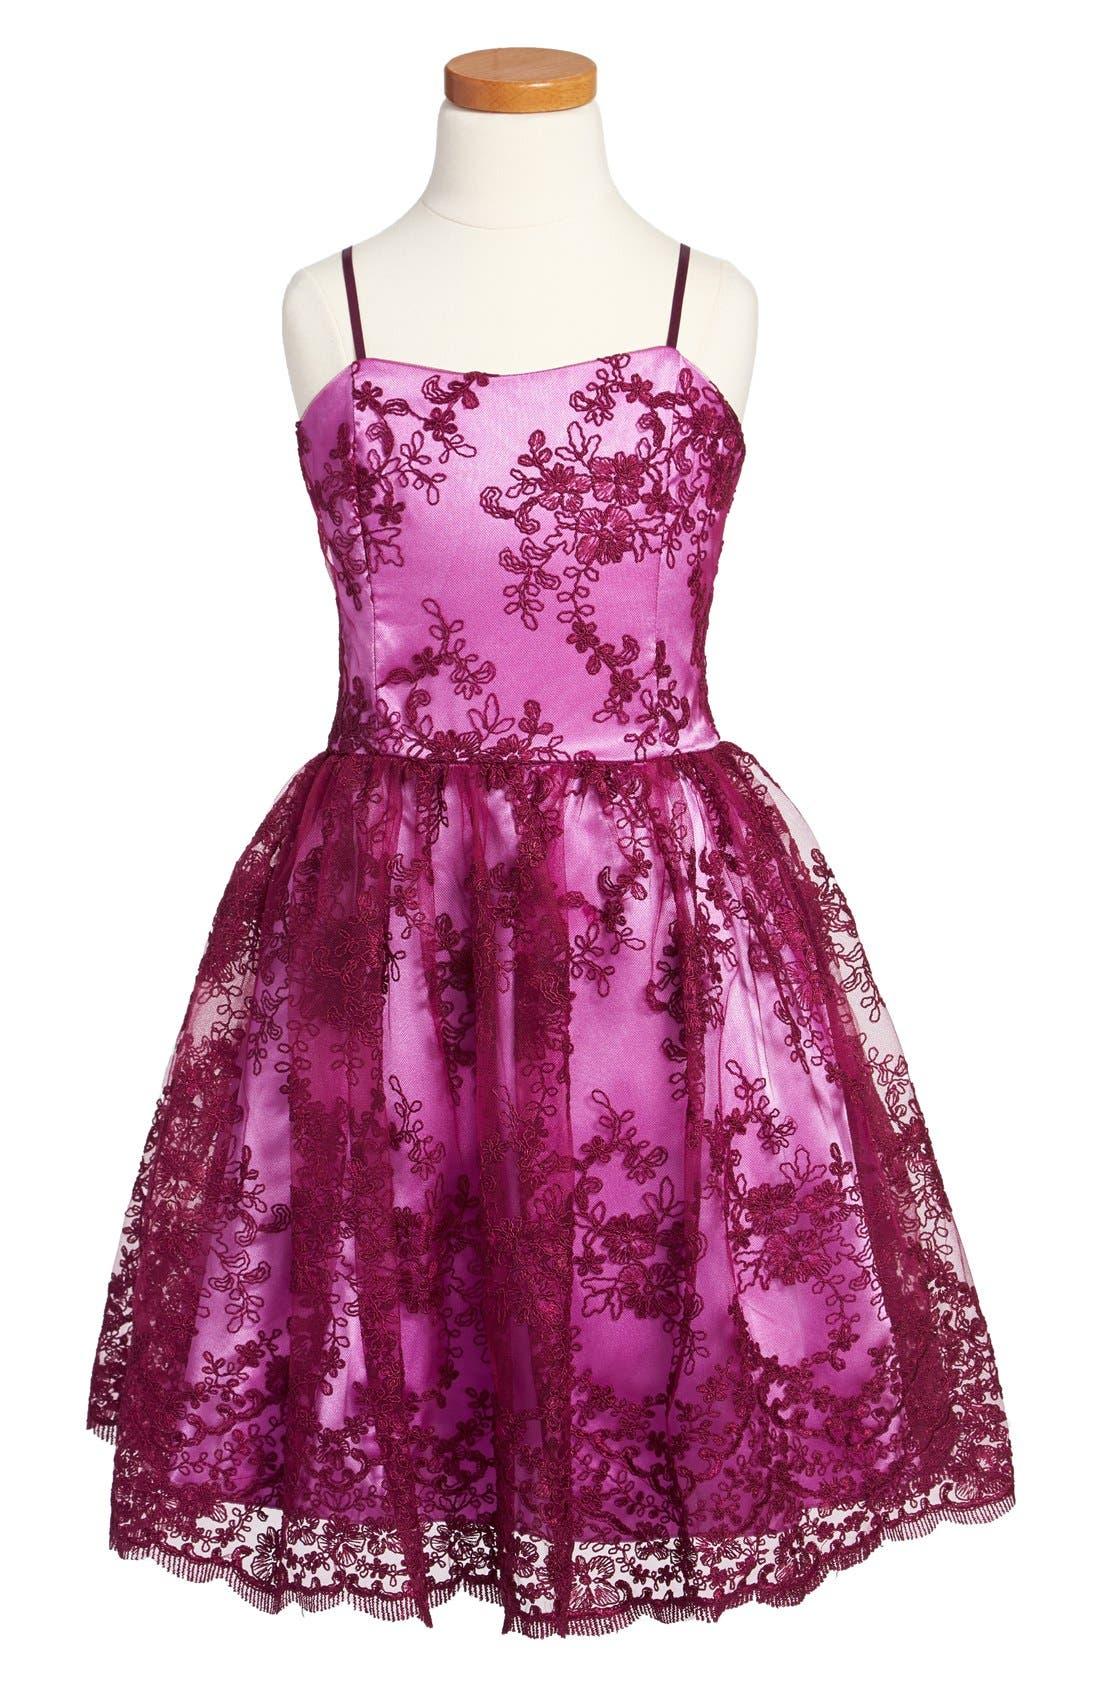 Alternate Image 1 Selected - Un Deux Trois Floral Lace Dress (Big Girls)